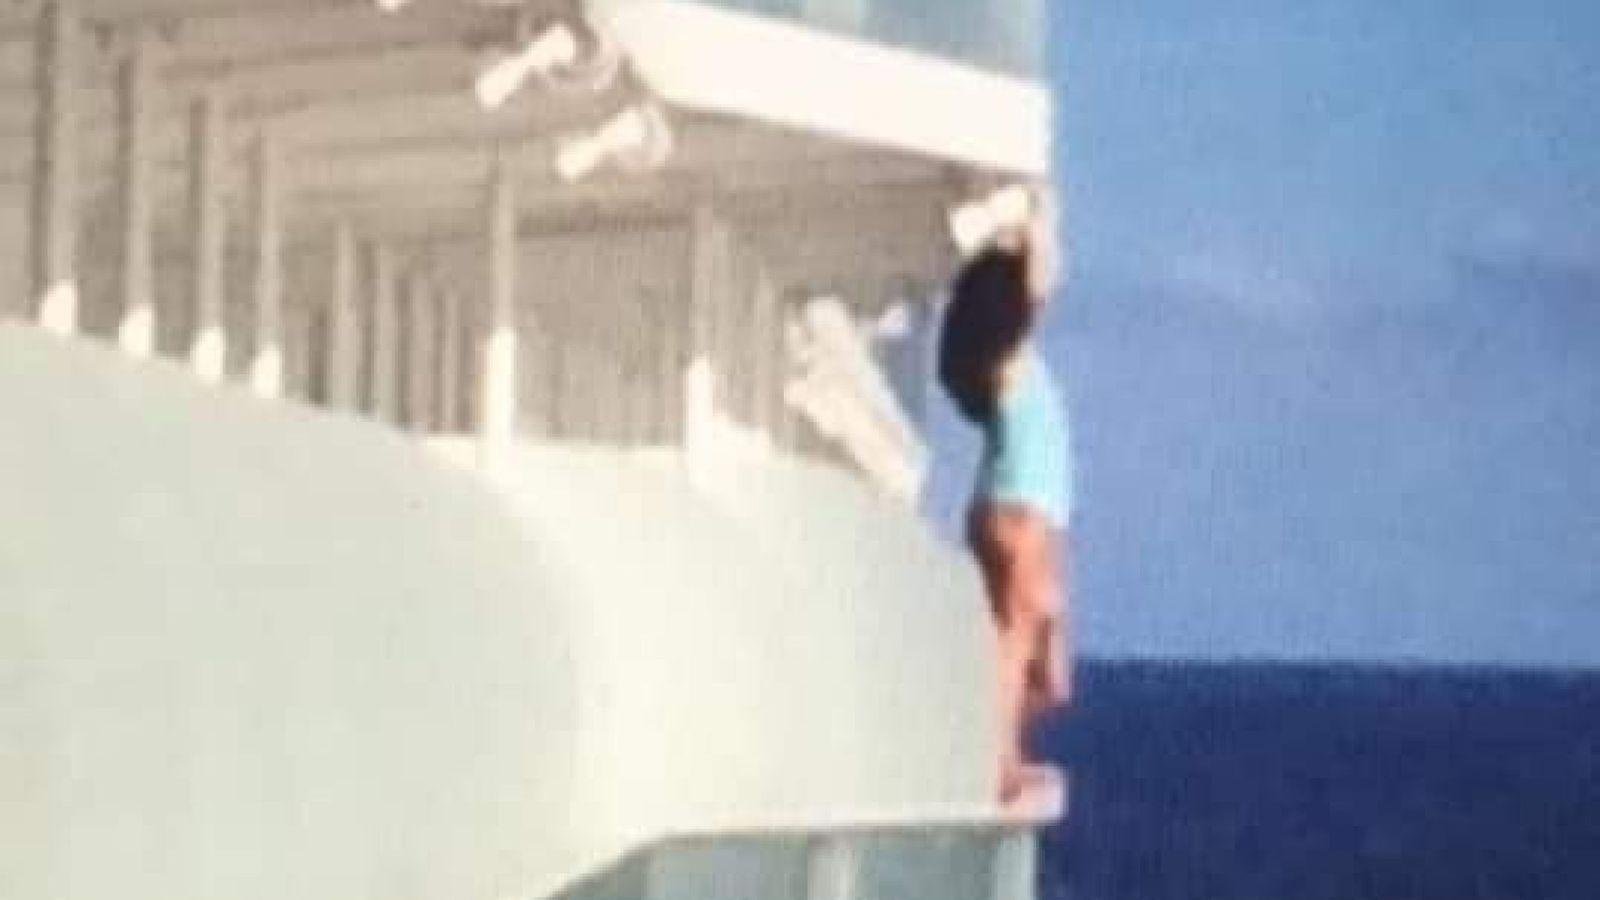 Den ikke identificerede kvinde står på kanten af krydstogtskibet Allure of the Seas – dette stunt betød, at hun og hendes medpassager blev sat i land i næste havn og for altid er forment adgang til Royal Caribbean Cruise Line. Foto via Facebook: Peter Blosic.